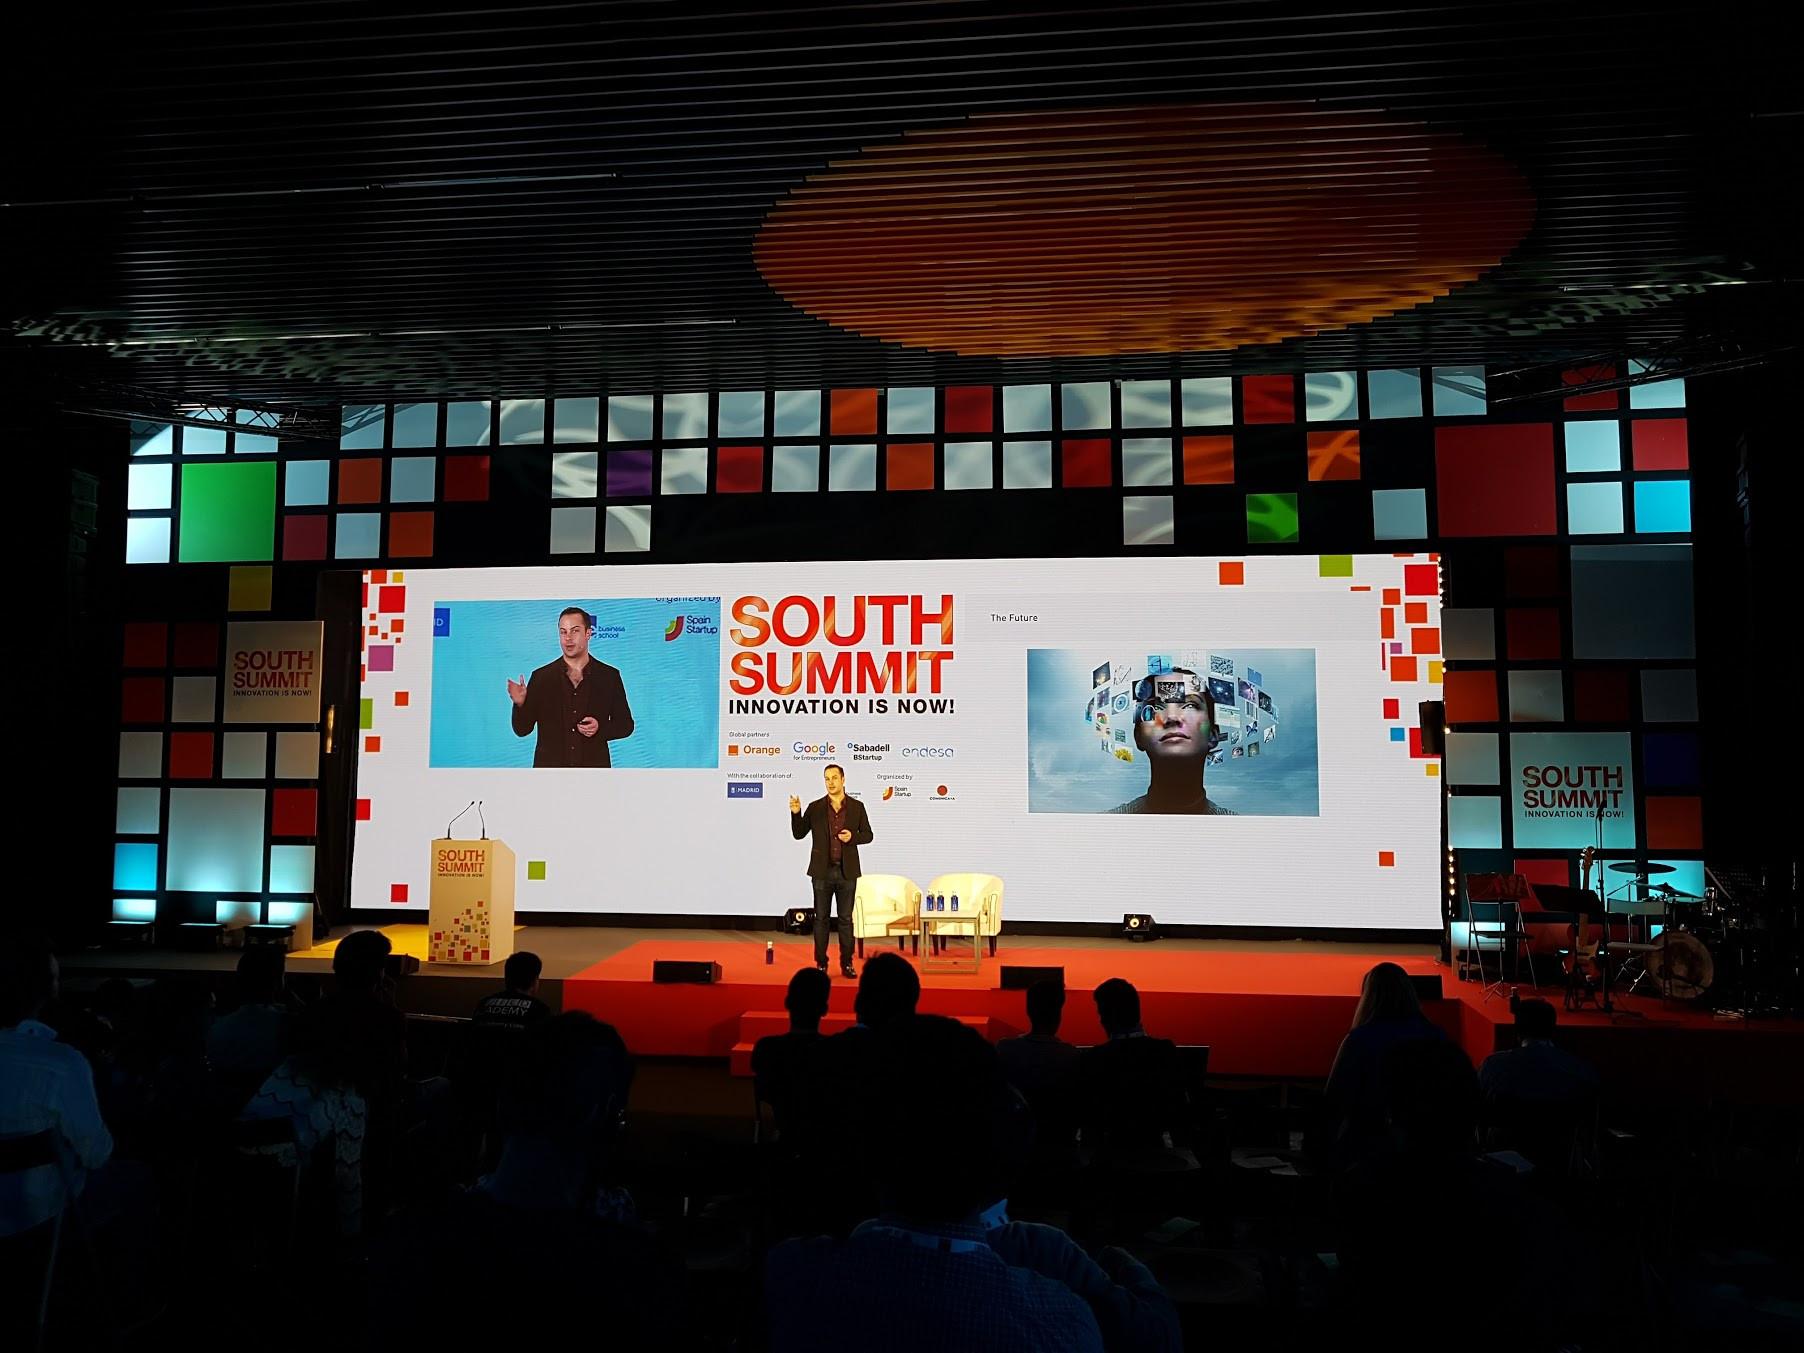 Imagen 3 del evento South Summit 2016 celebrado del 5 al 7 de octubre de 2016 en La Nave, Madrid